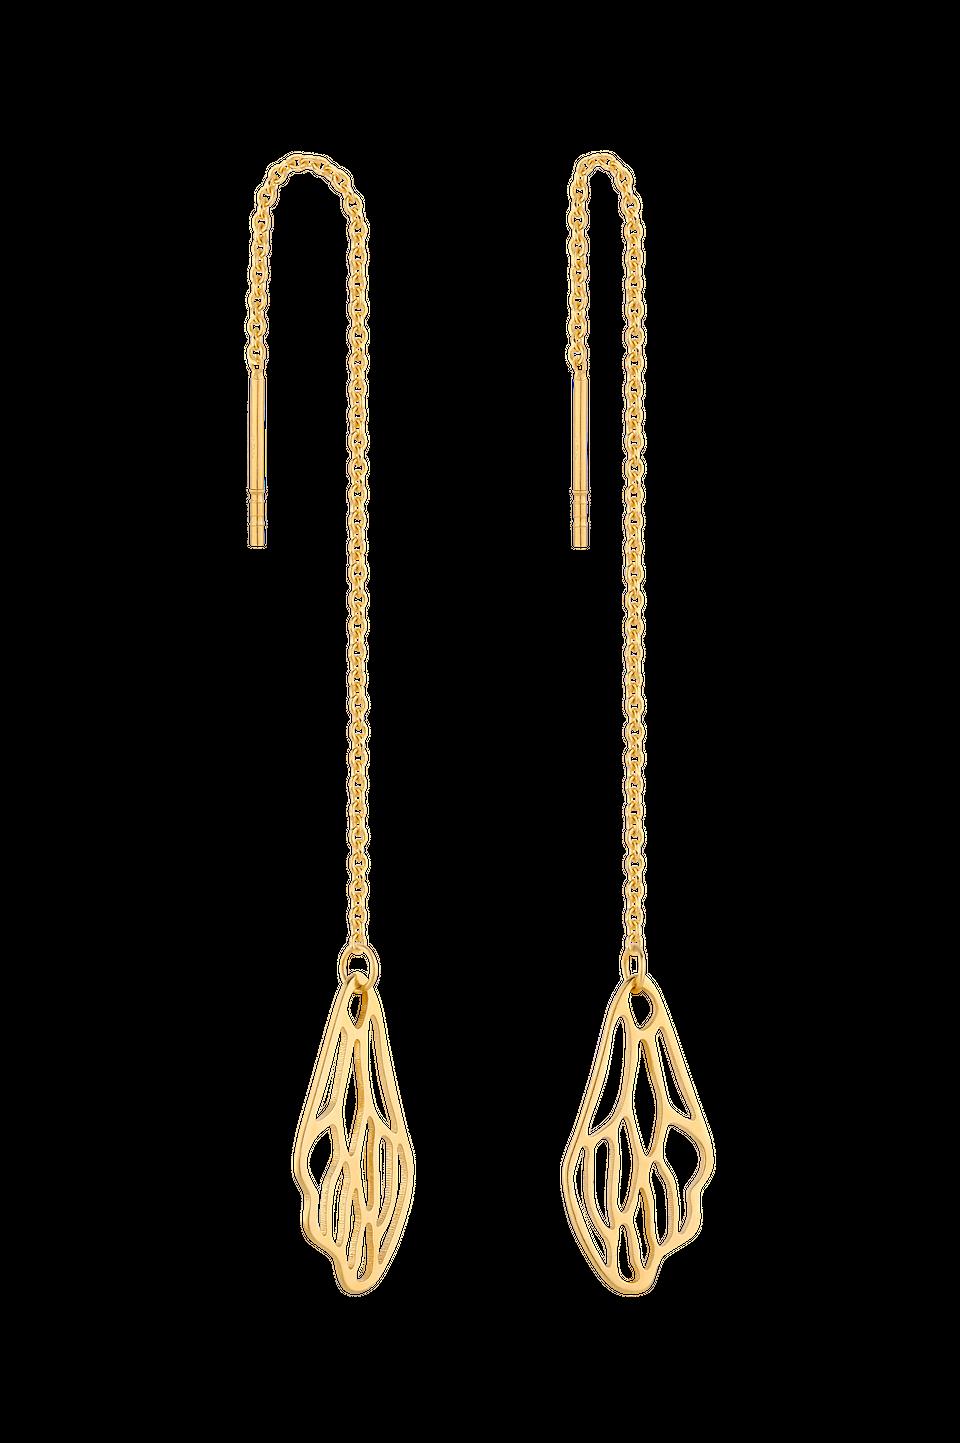 Złote kolczyki, 290 zł